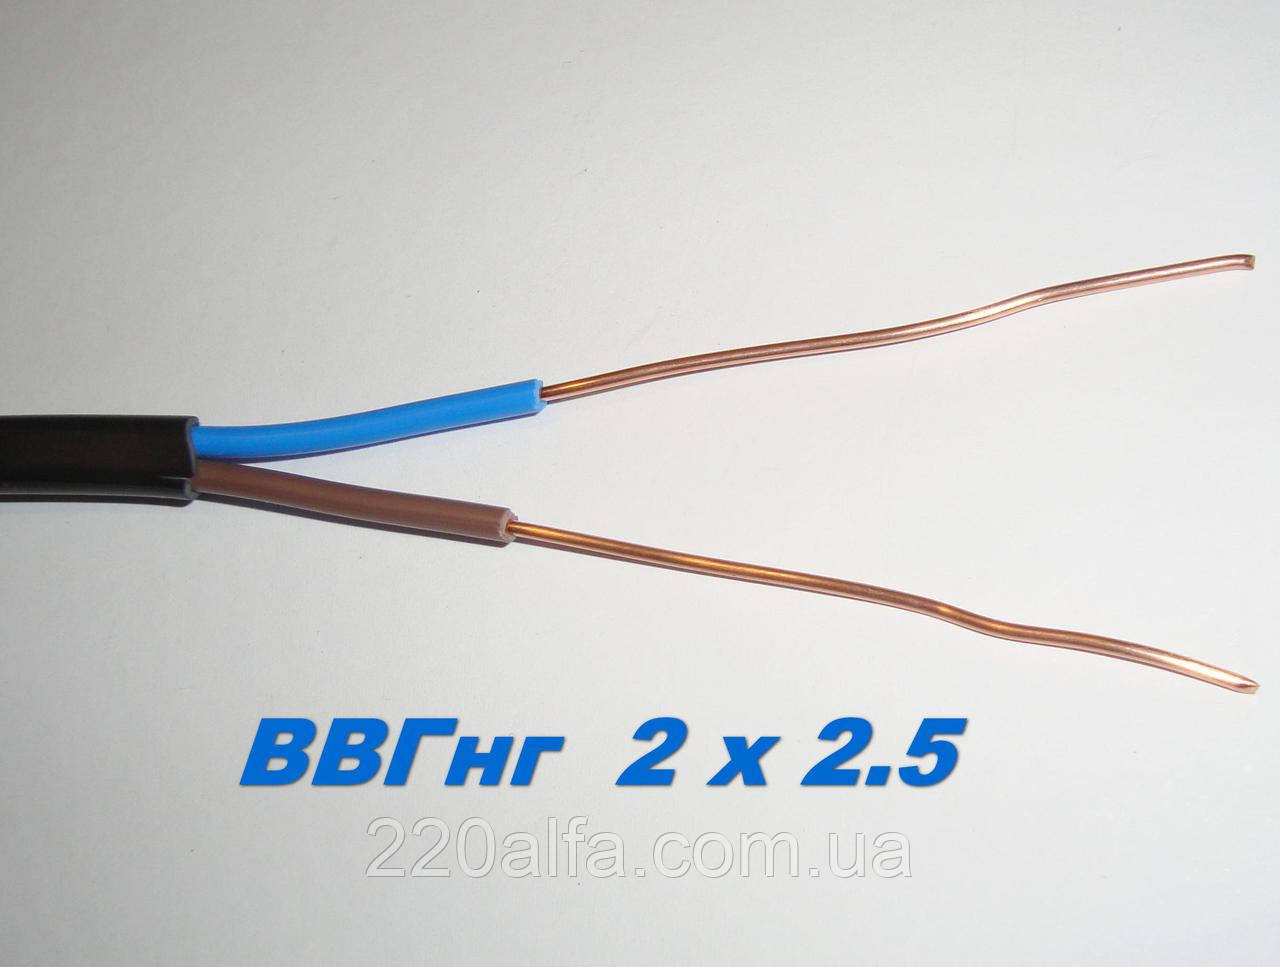 Силовой медный провод кабель ВВГнг 2х 2.5 моножила полноценный.